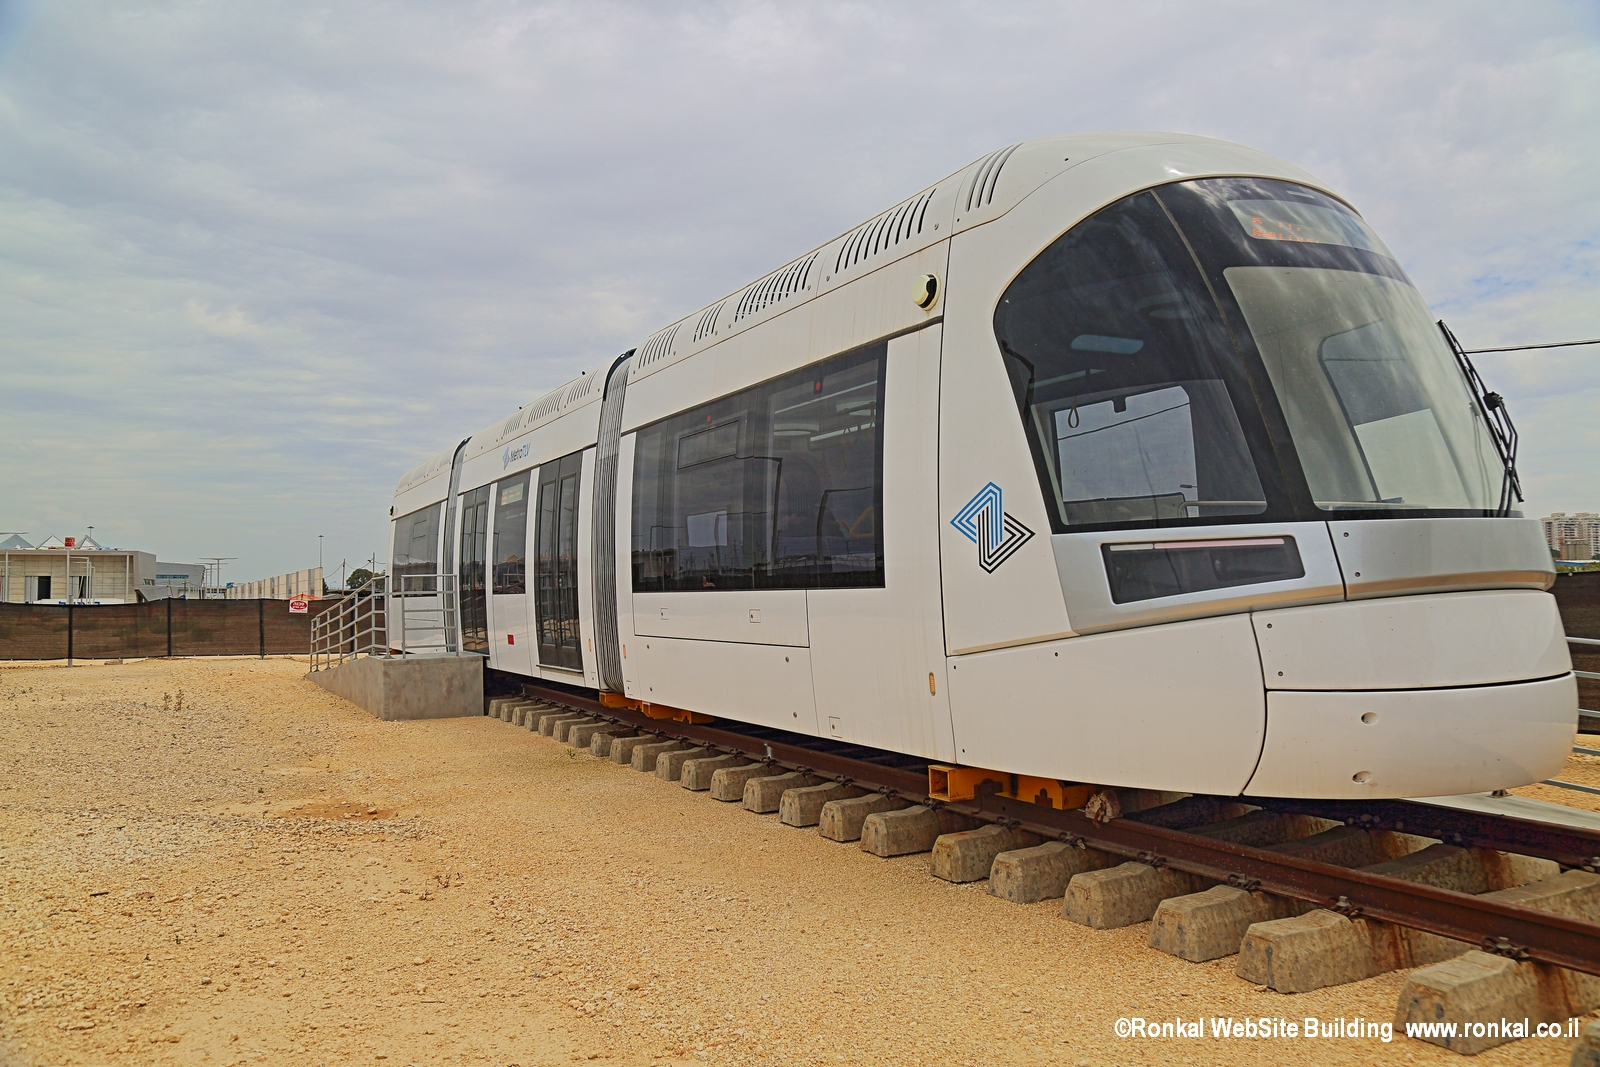 סיור ברכבת הקלה המוקמת בתל אביב